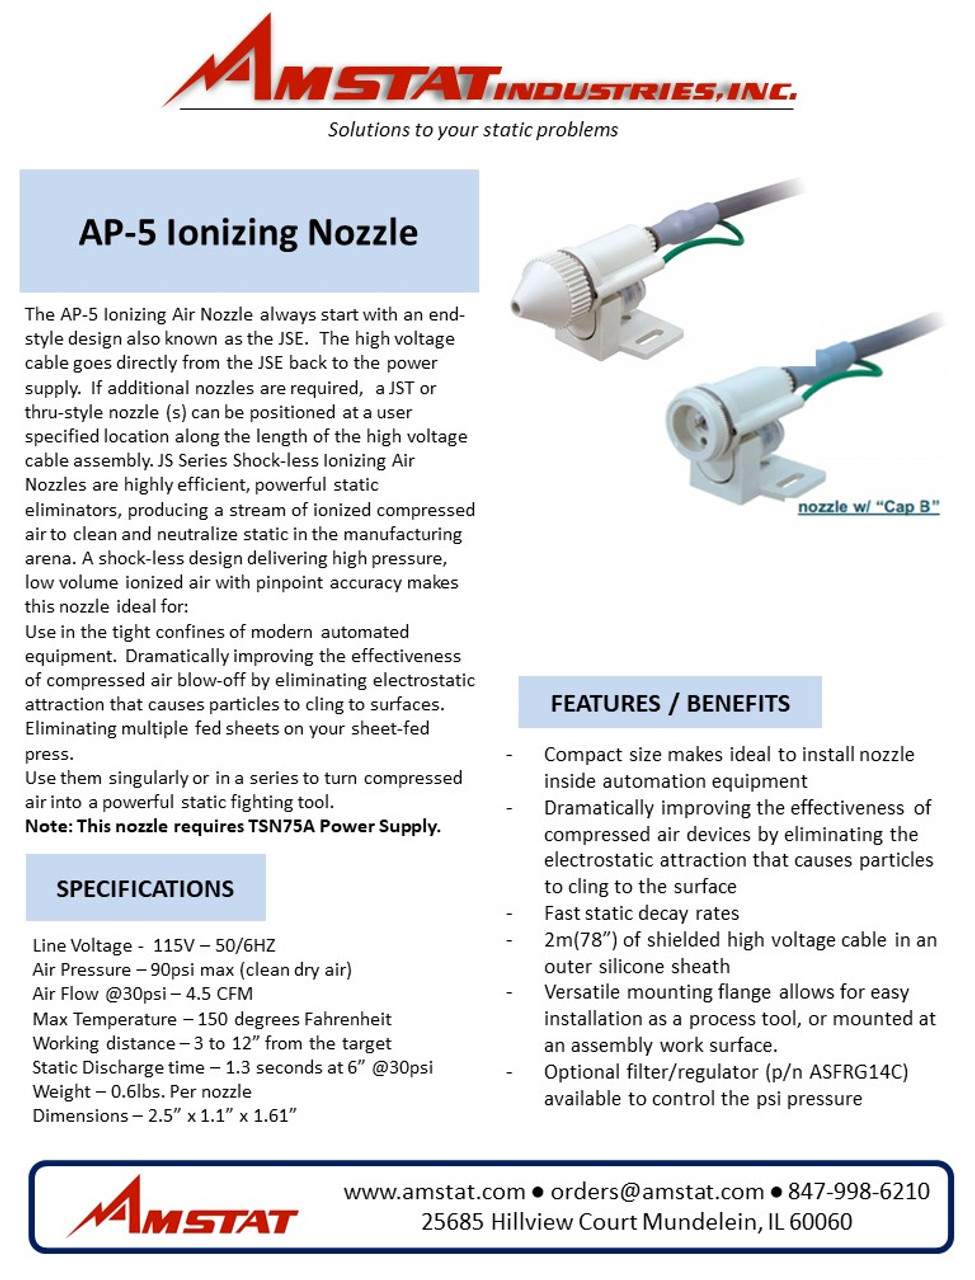 AP-5 Ionizing Nozzle